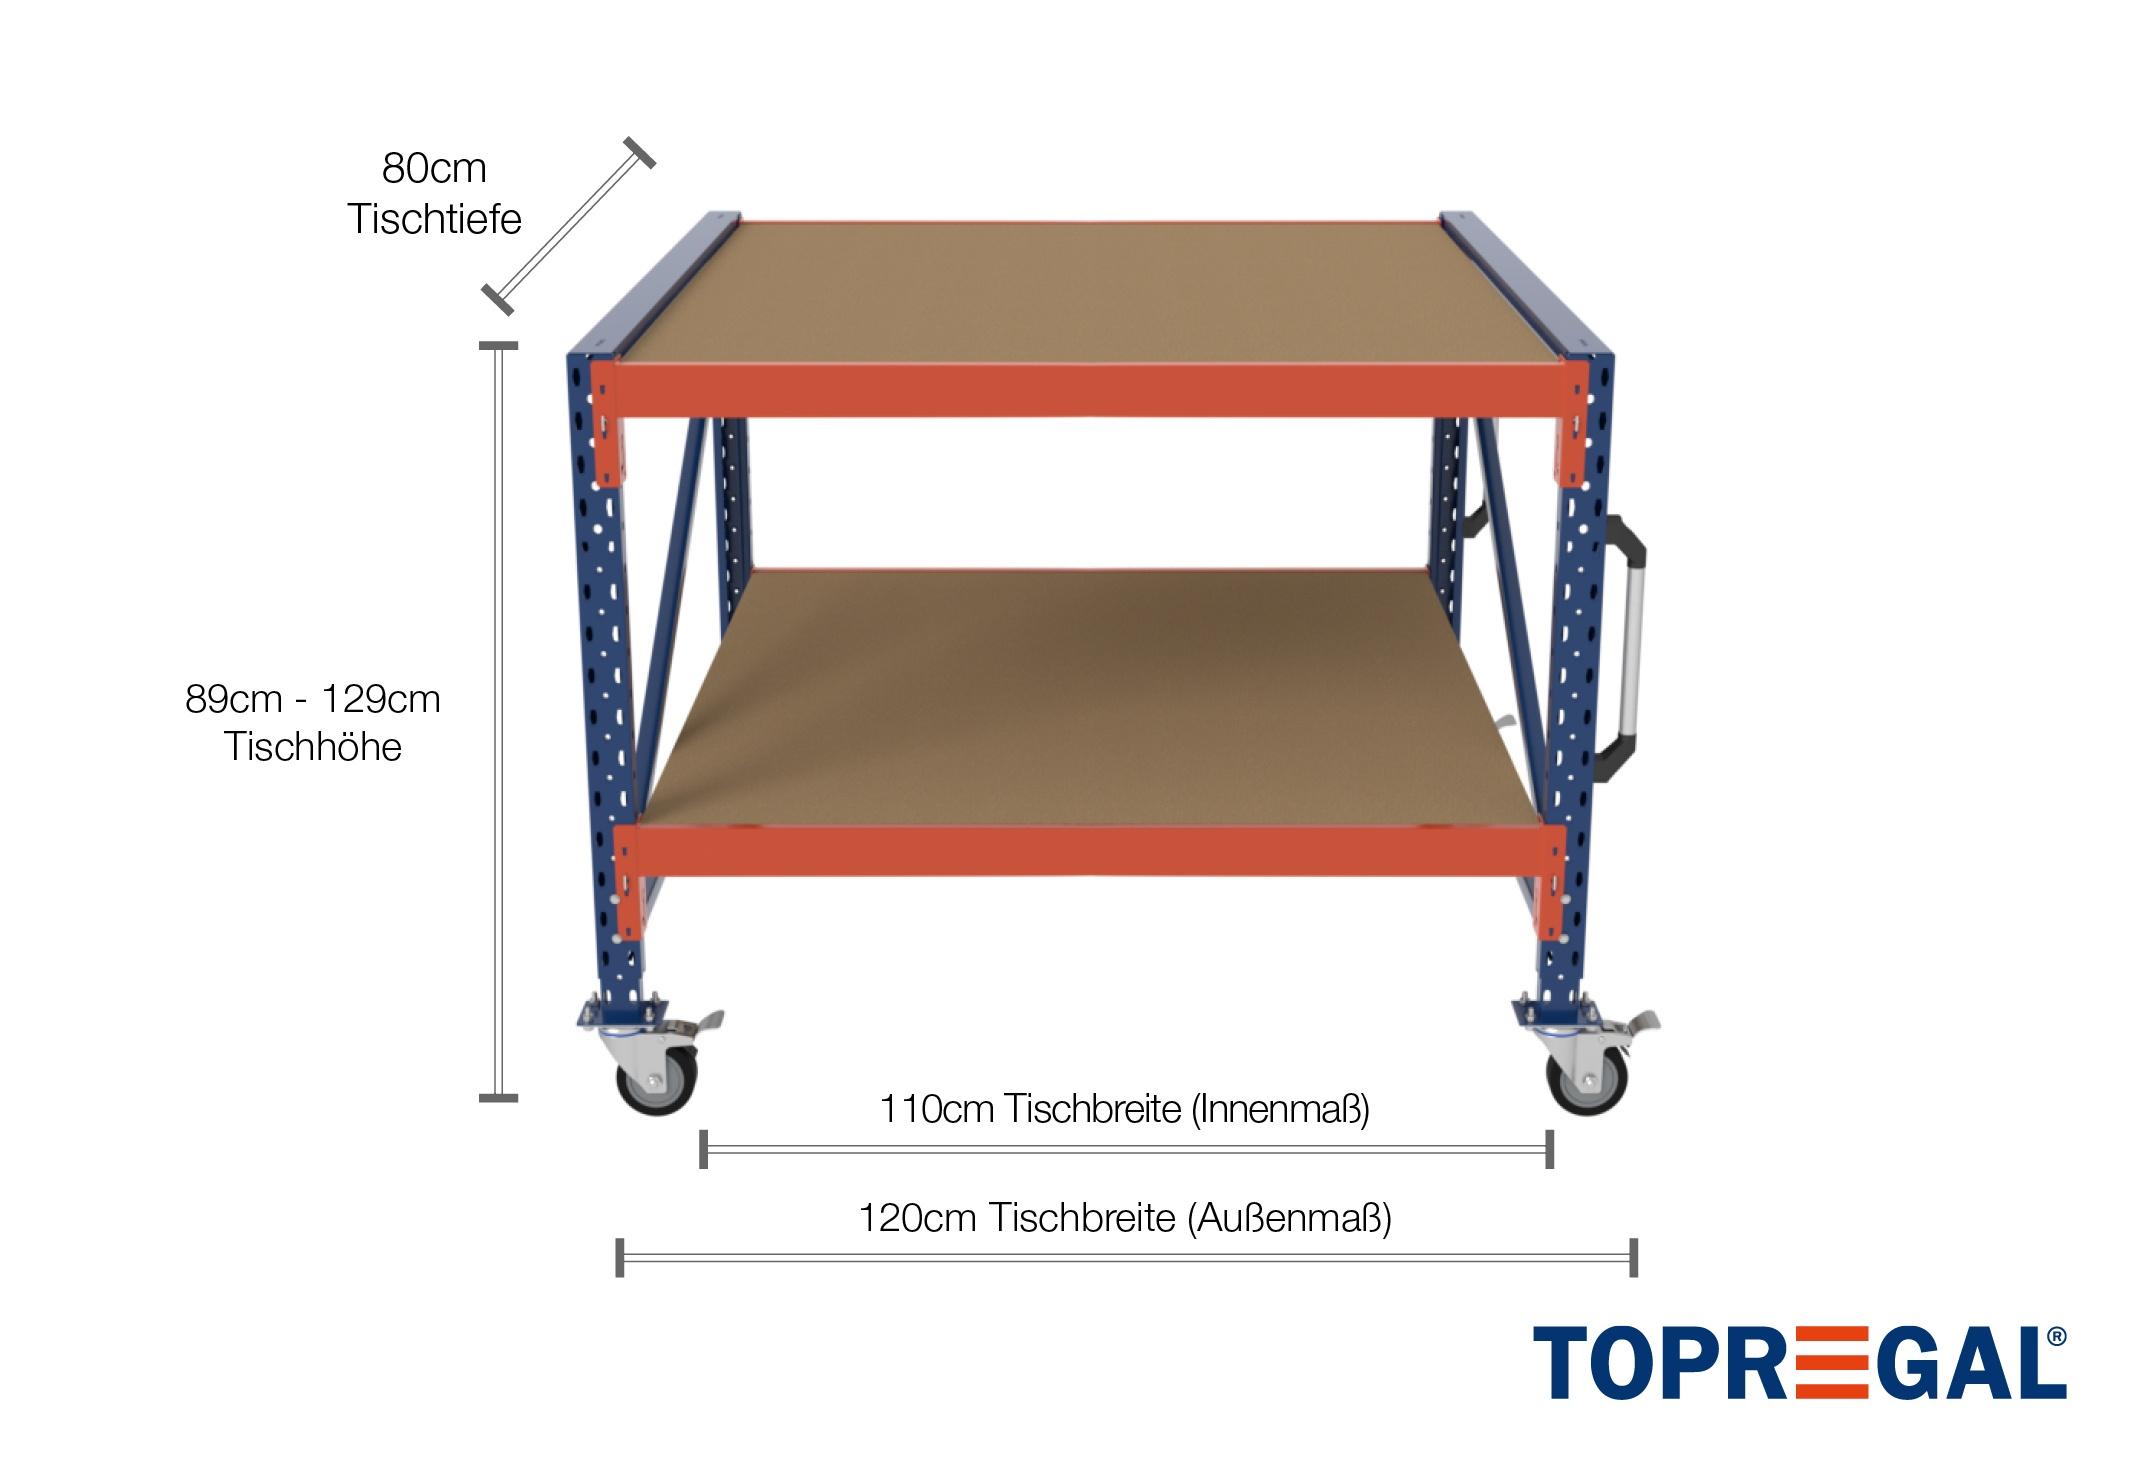 1 2m arbeitstisch lagerregal fahrbar 89 129cm tischh he for Gartenteich 80 cm tief